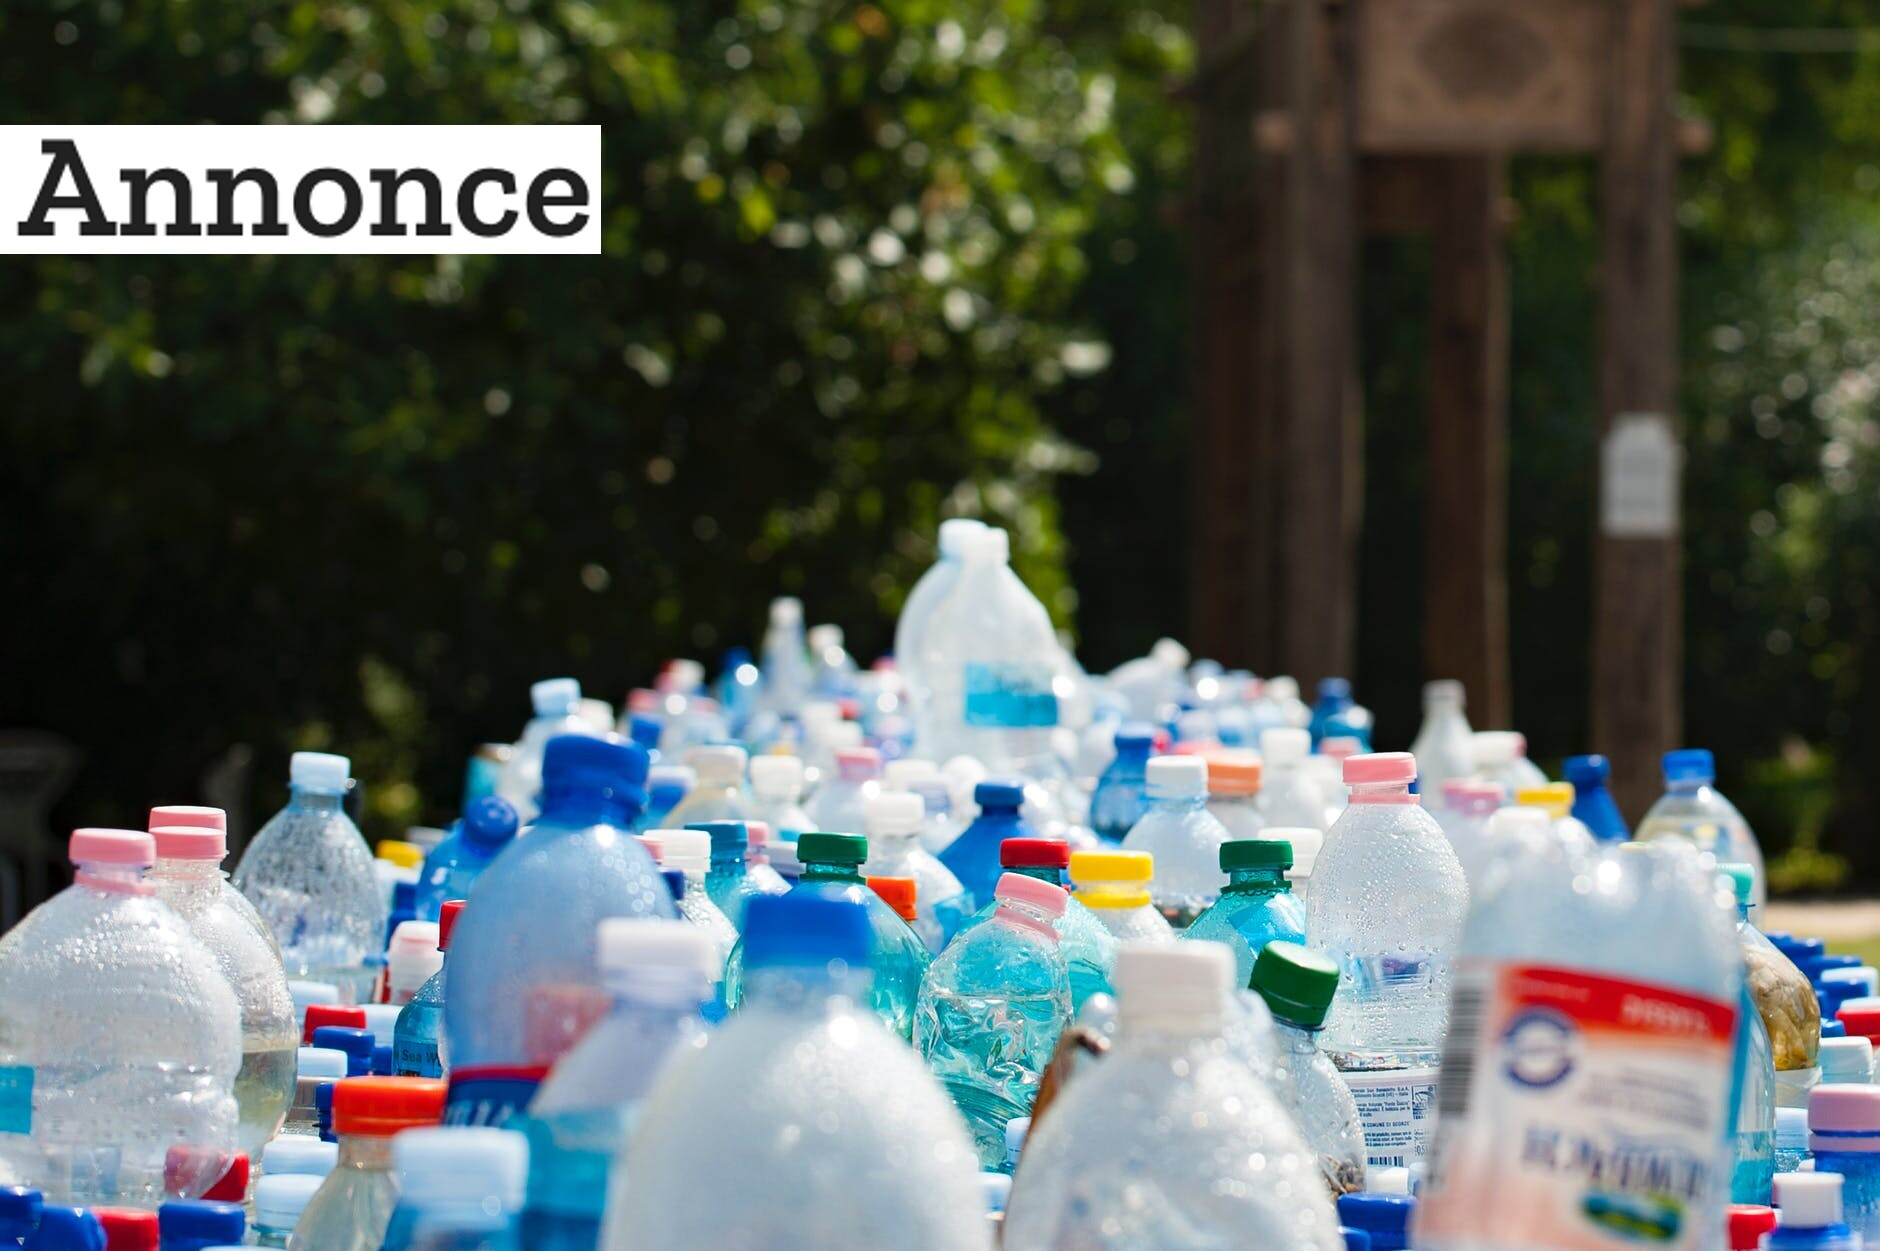 Vælg en løsning af plast